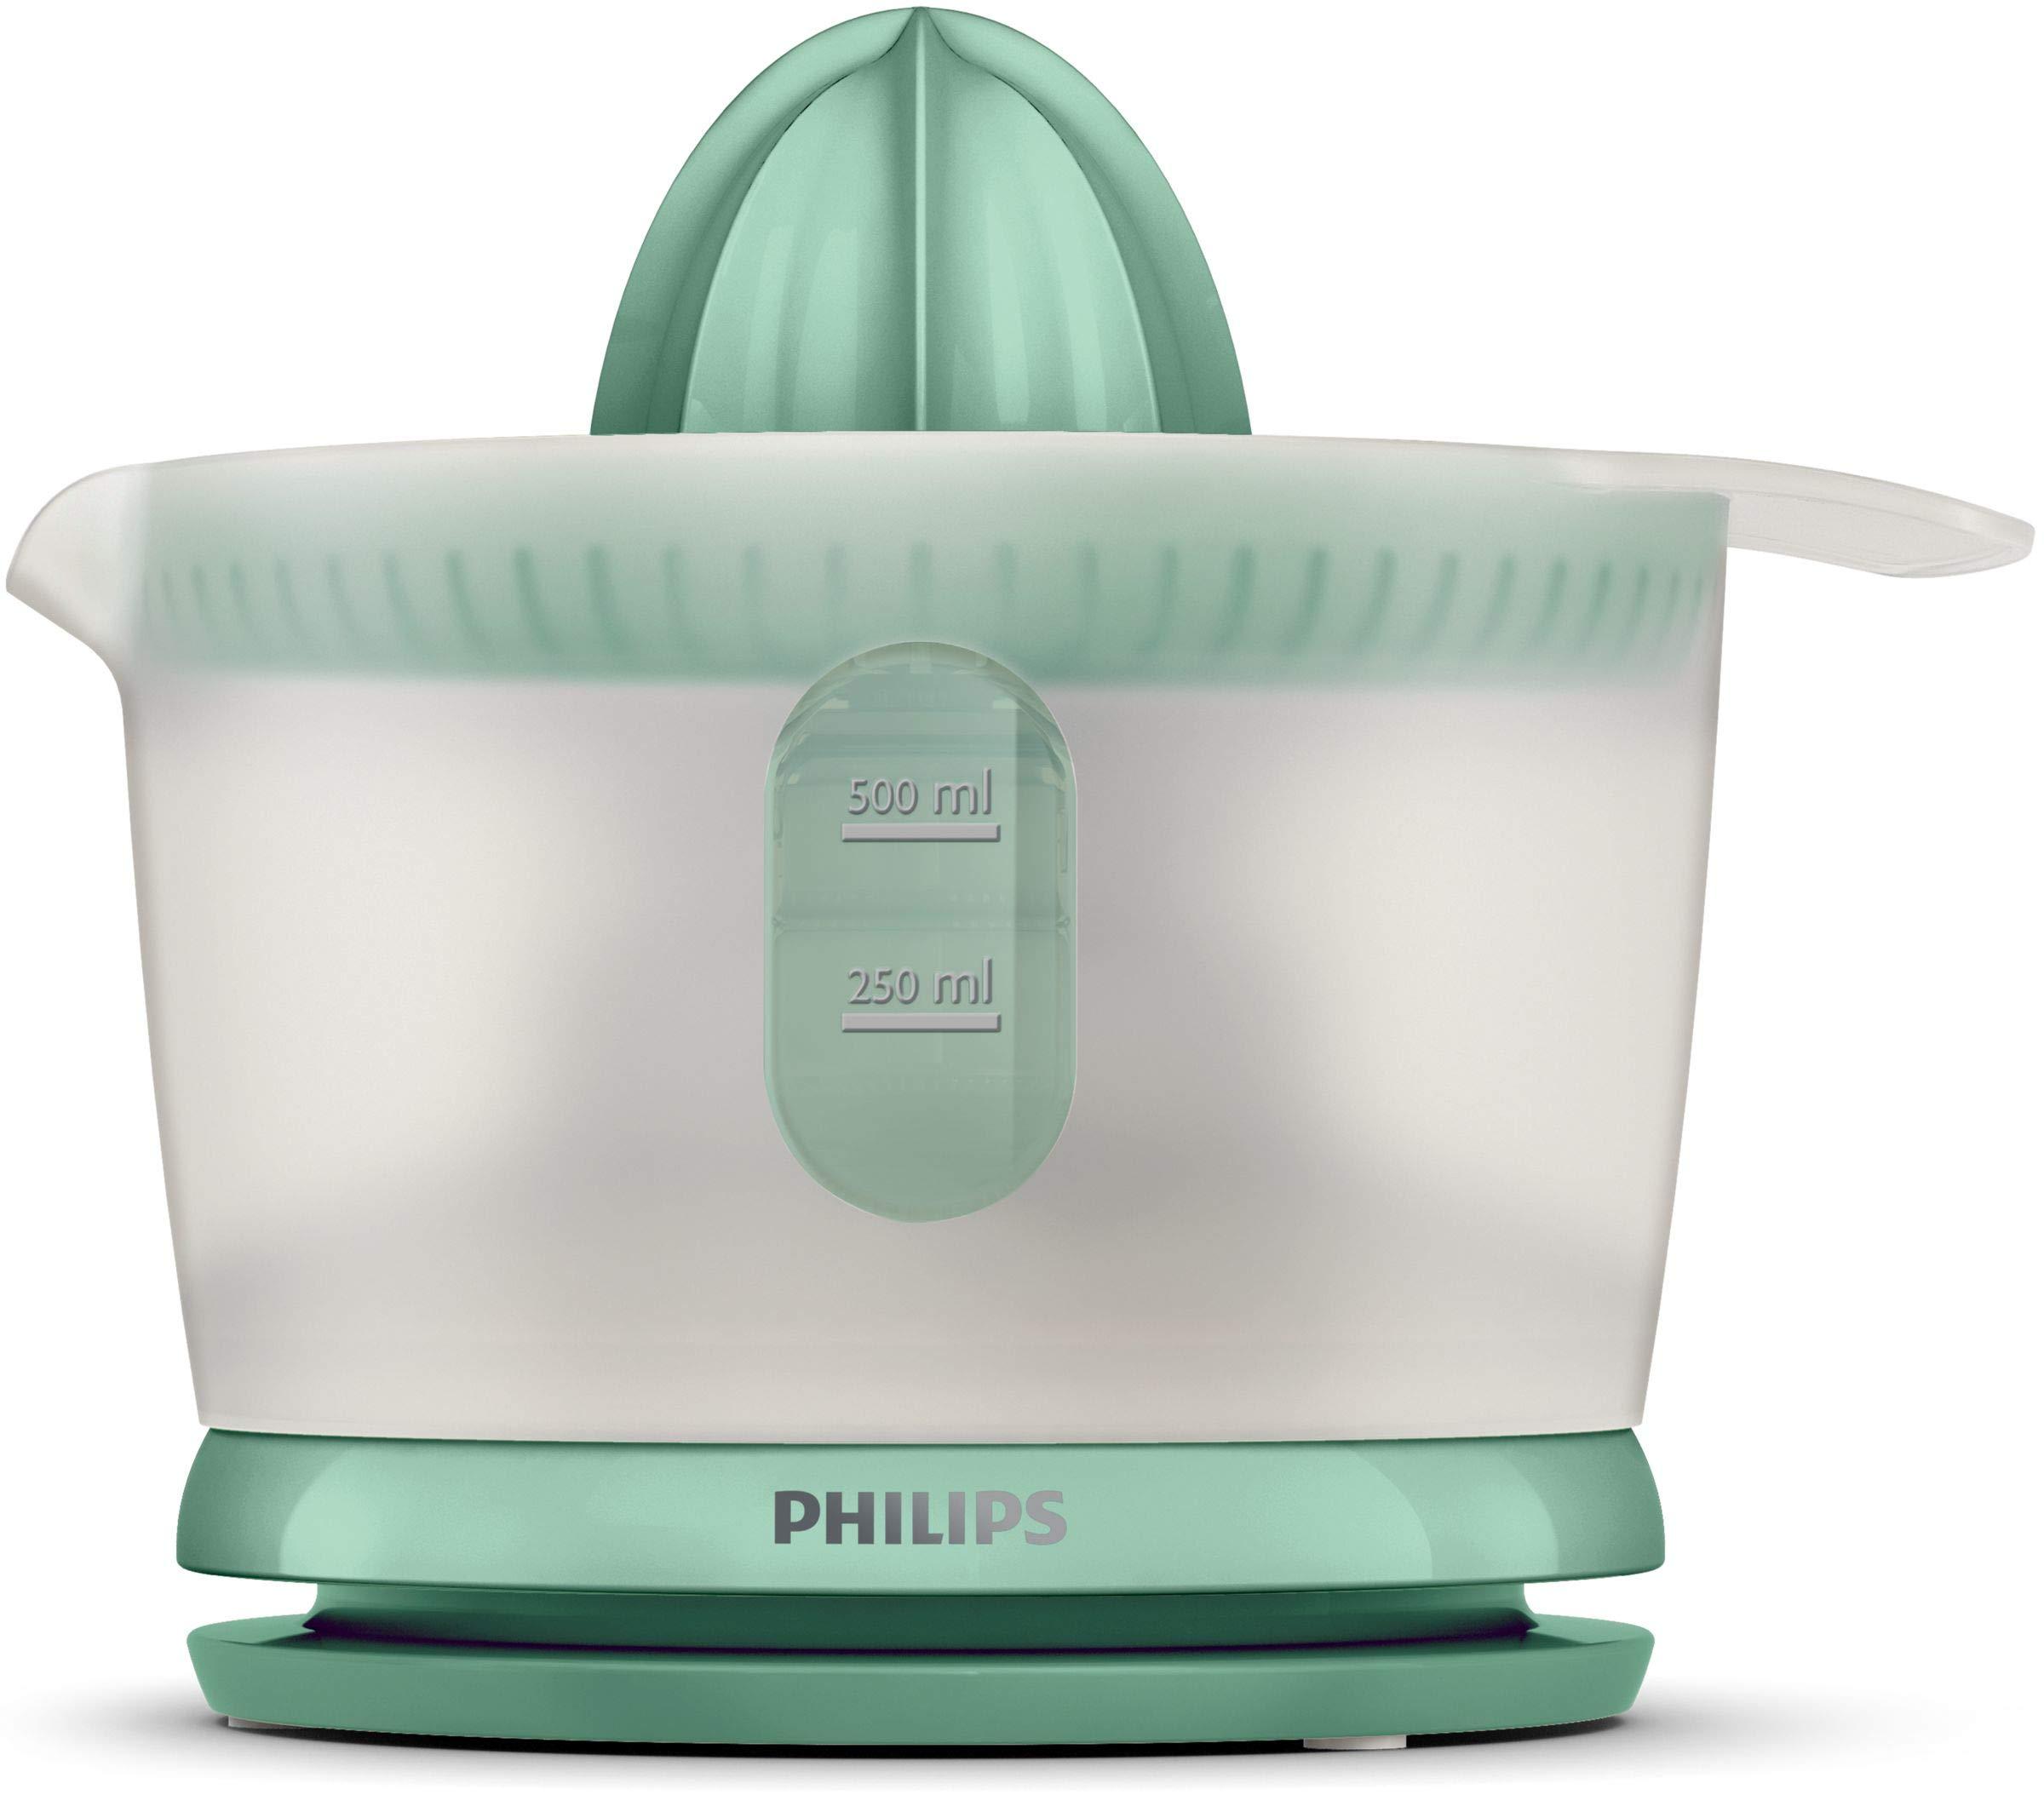 Philips HR2738/50 Exprimidor con boquilla sin goteo, jarra para zumo de 500 ml incluida, Verde mint: Amazon.es: Hogar